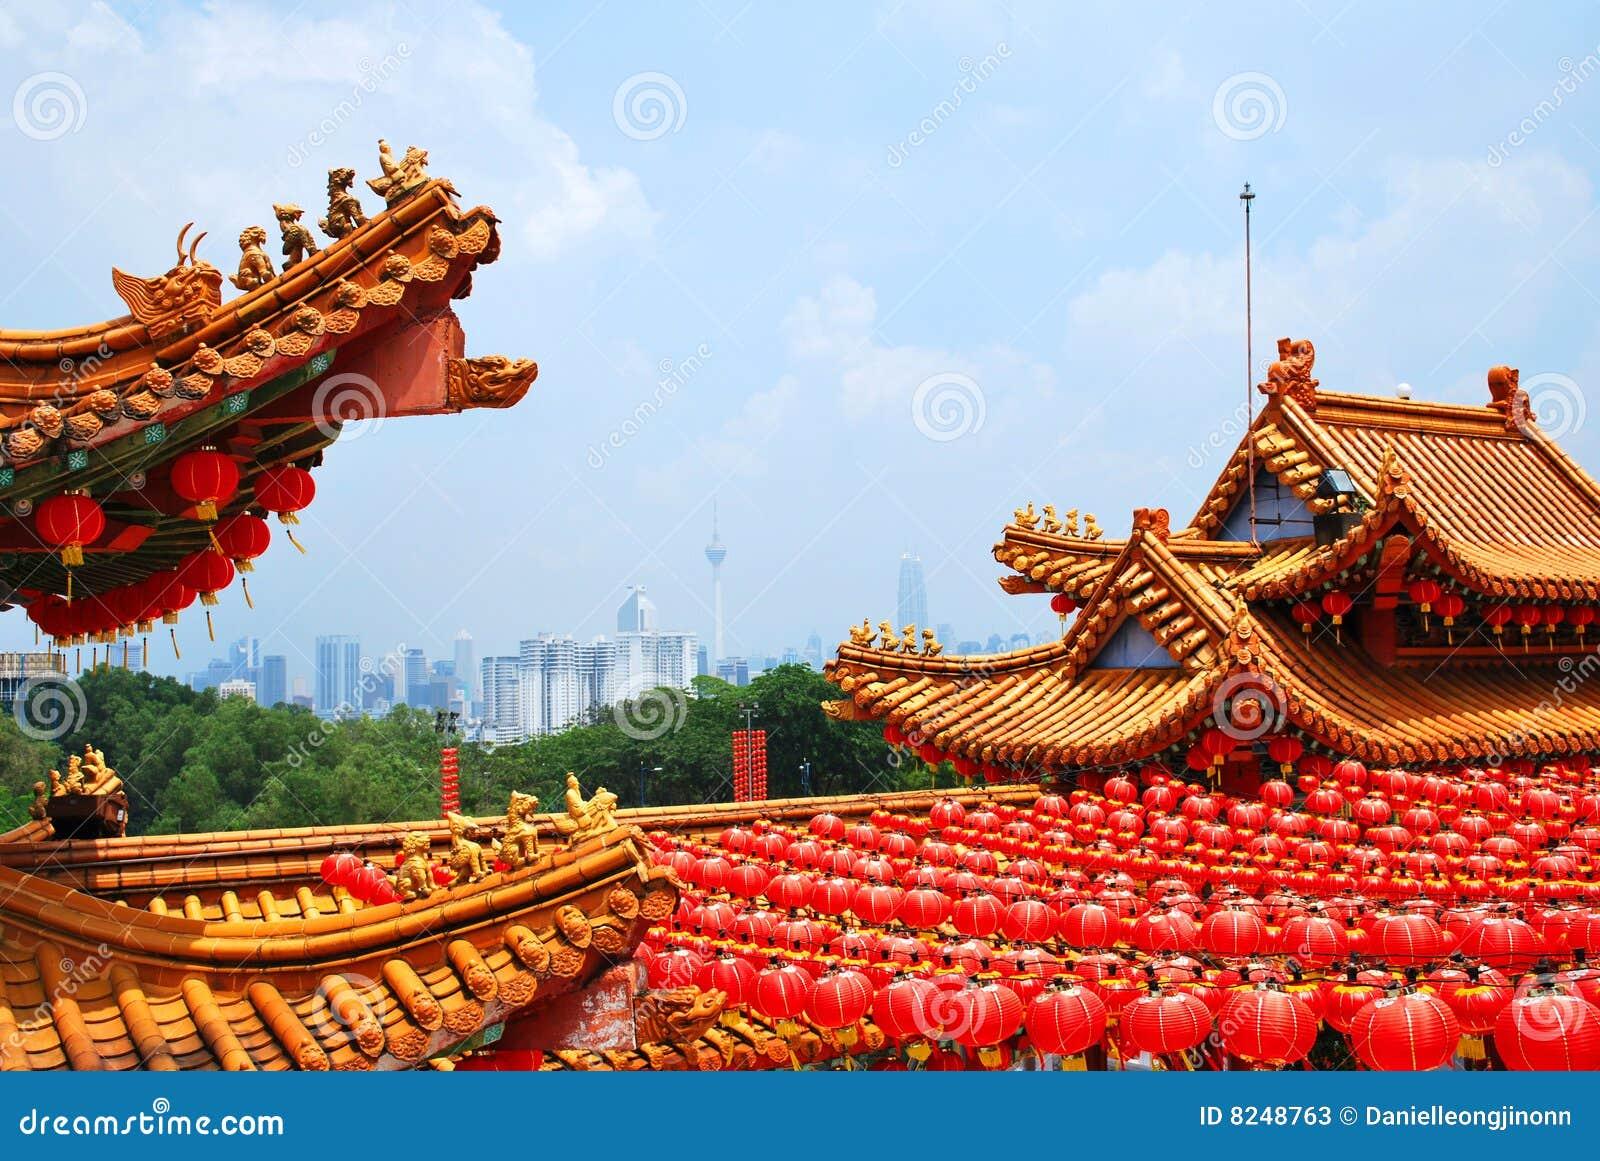 Temple of Confucius - Wikipedia